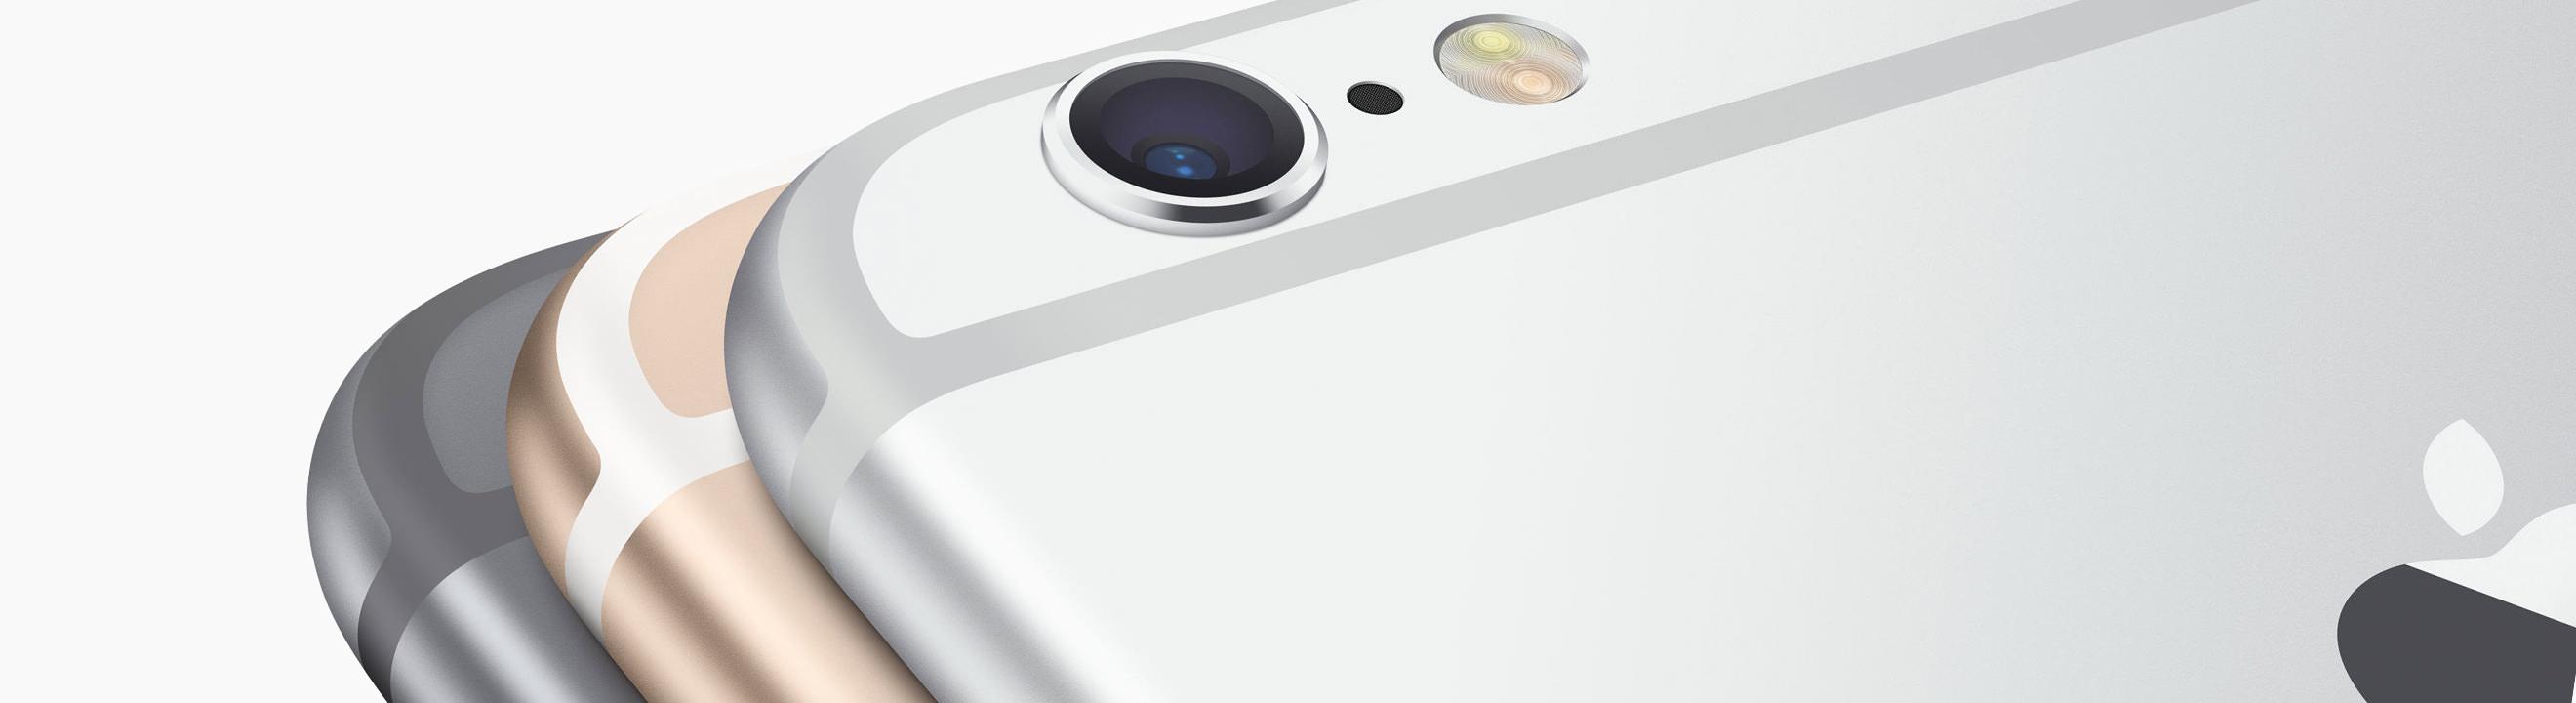 iPhone 6 (plus) vanaf nu te bestellen!